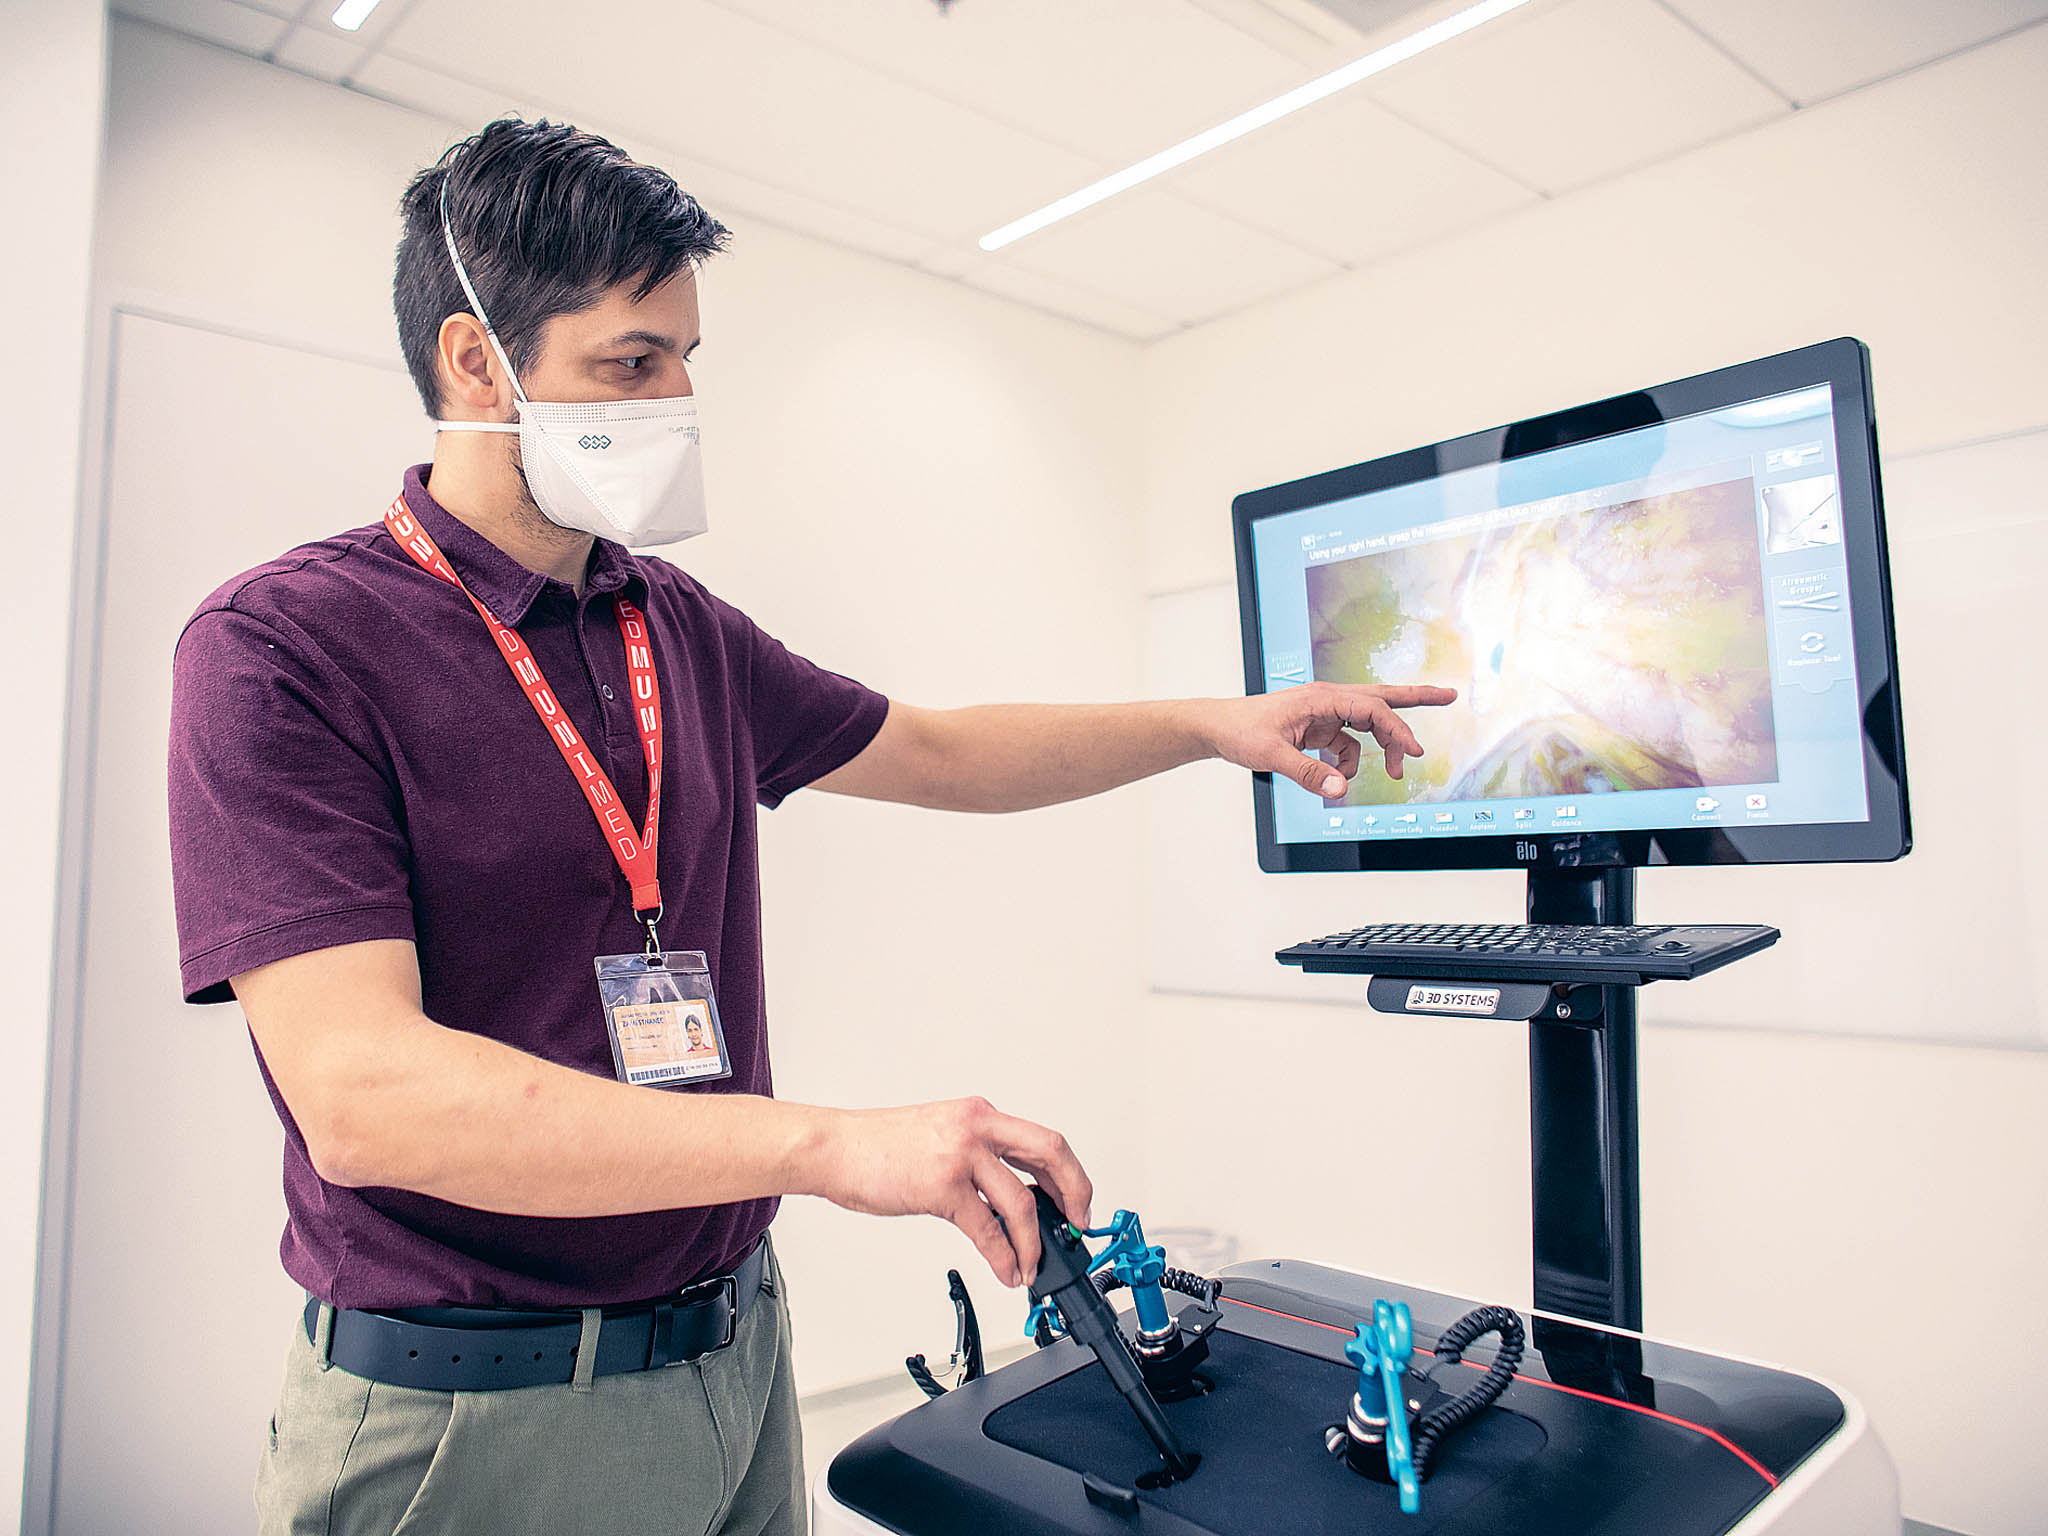 Technik Jan Dvořáčekukazuje, jak se pomocí trenažéru nacvičuje laparoskopická operace slepého střeva.